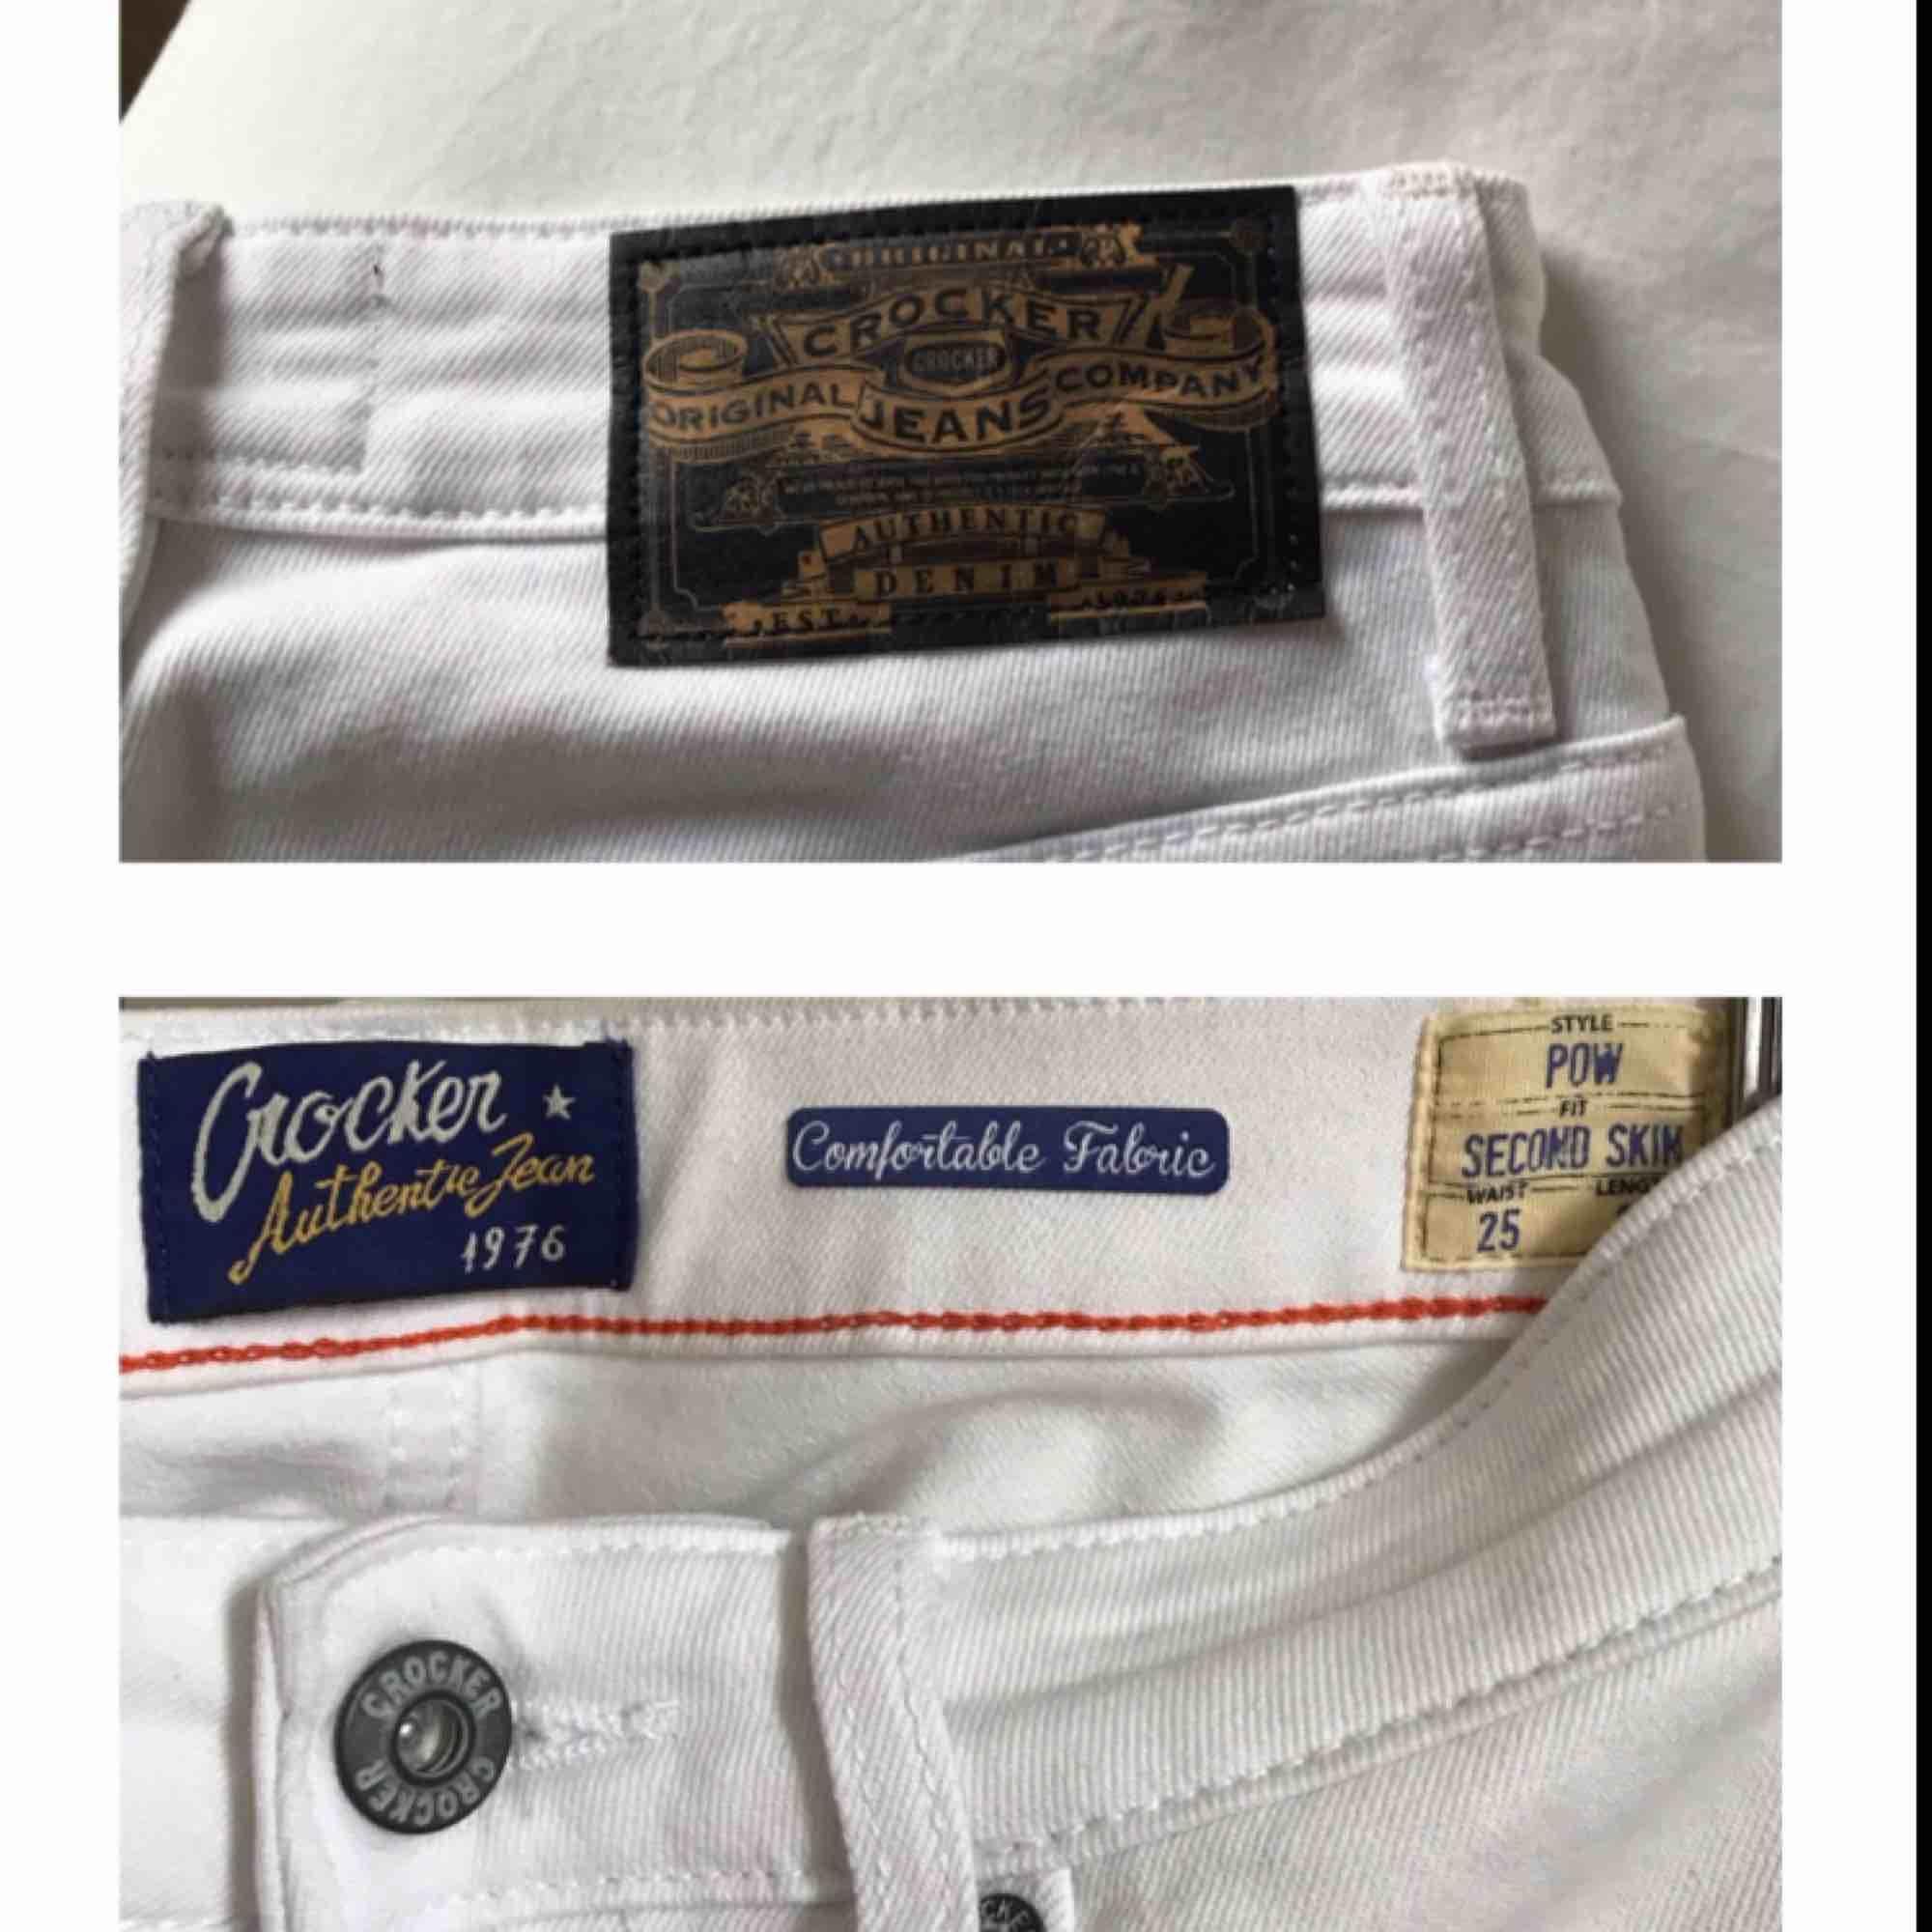 Knappt använda vita jeans från Crocker/JC i storlek W25 (egentligen i L32 men har sytt upp dem i JC-butiken så är snarare L28-30 ist nu). Mått - innerben: ca 64cm, hela byxans längd: ca 87cm, midja: ca 32cm 💫. Jeans & Byxor.